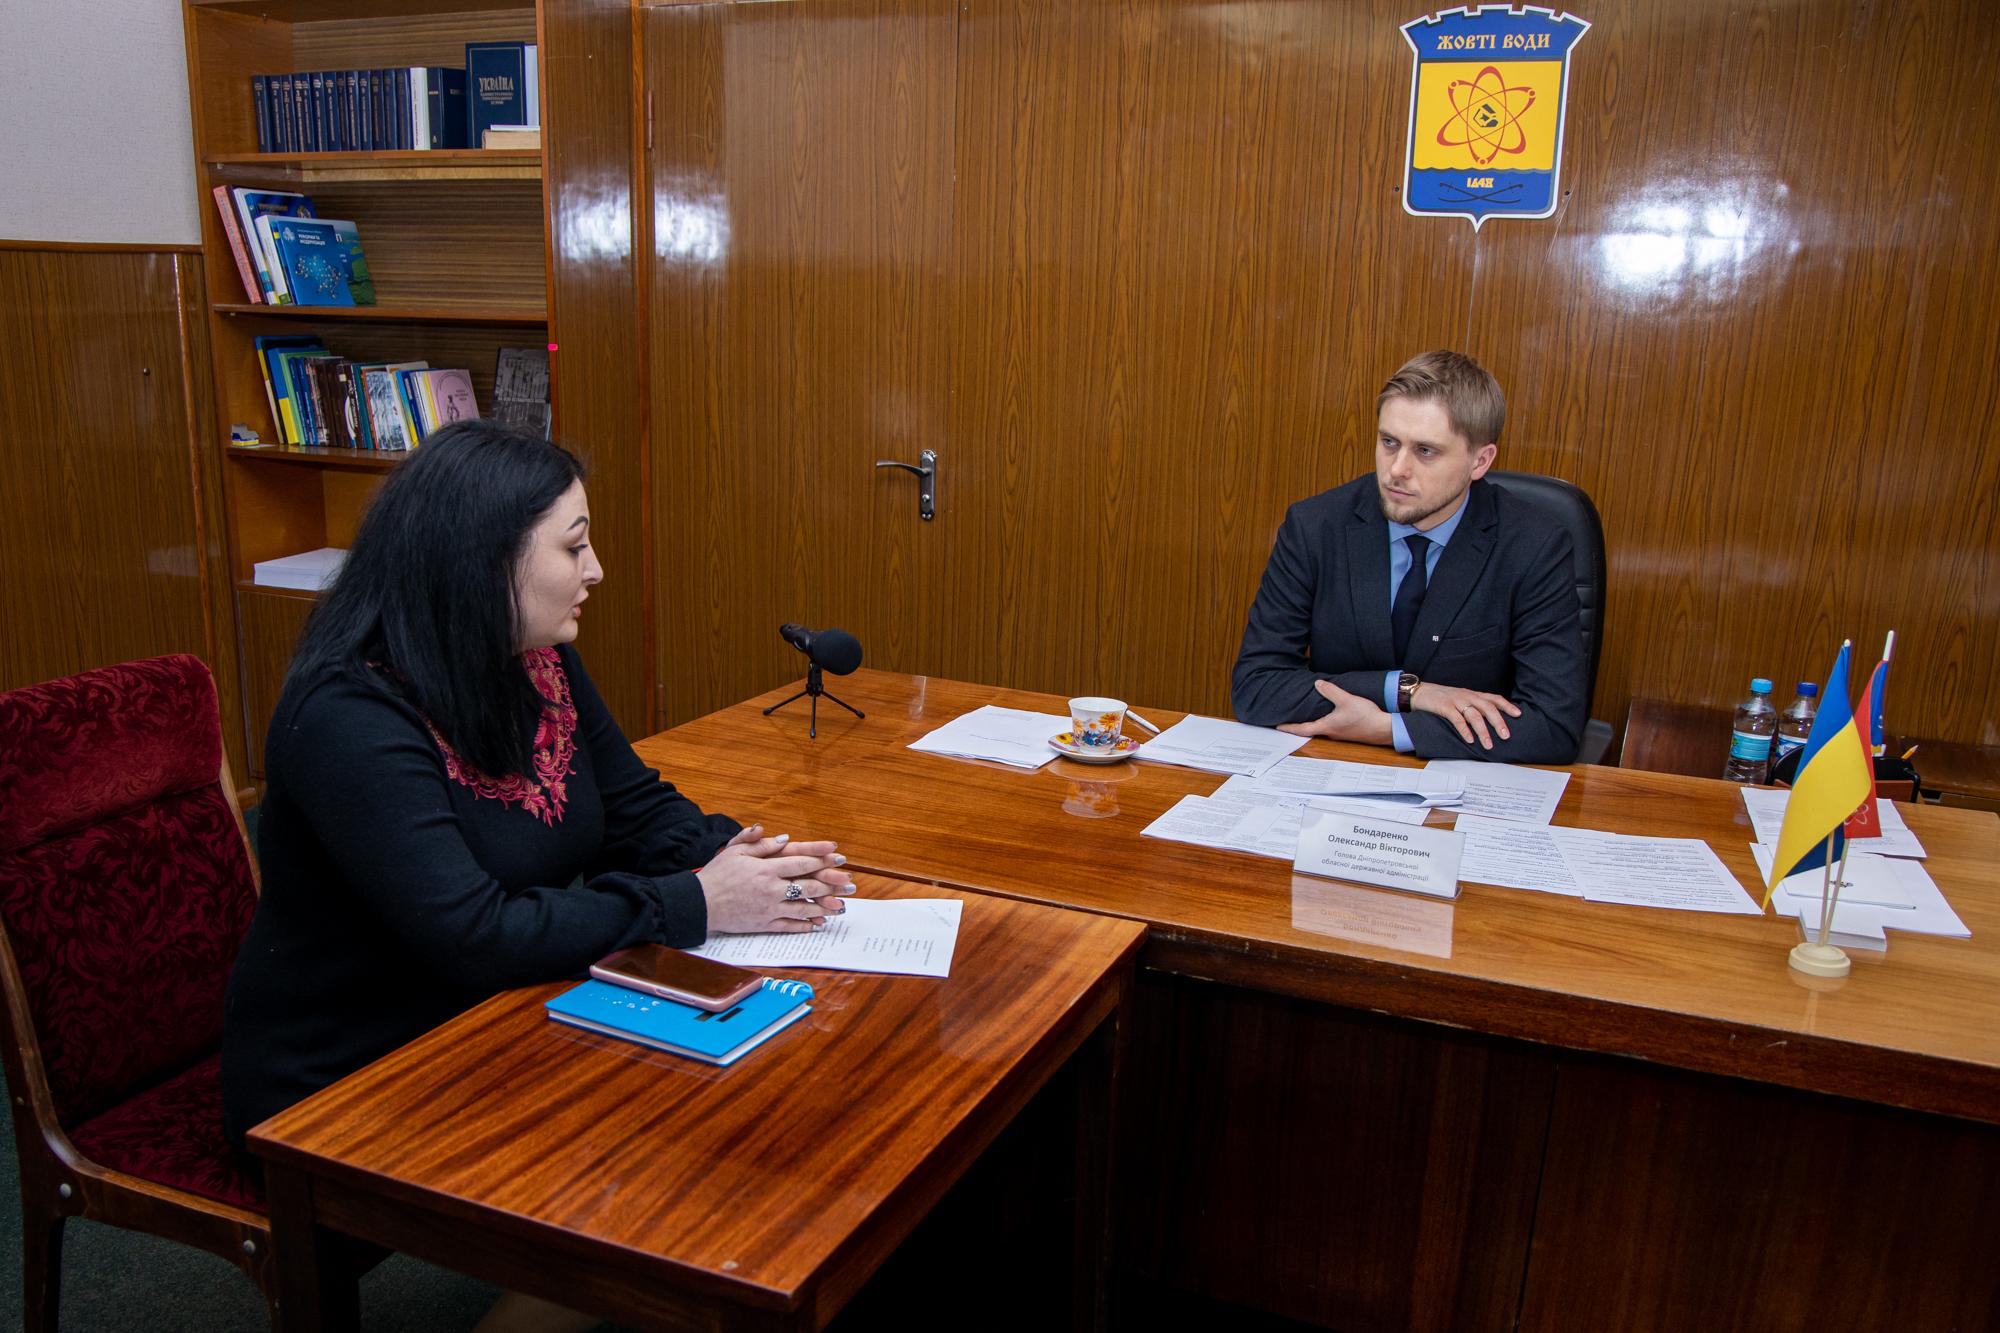 Олександр Бондаренко пообіцяв розібратися, чи дійсно тарифи економічно обгрунтовані